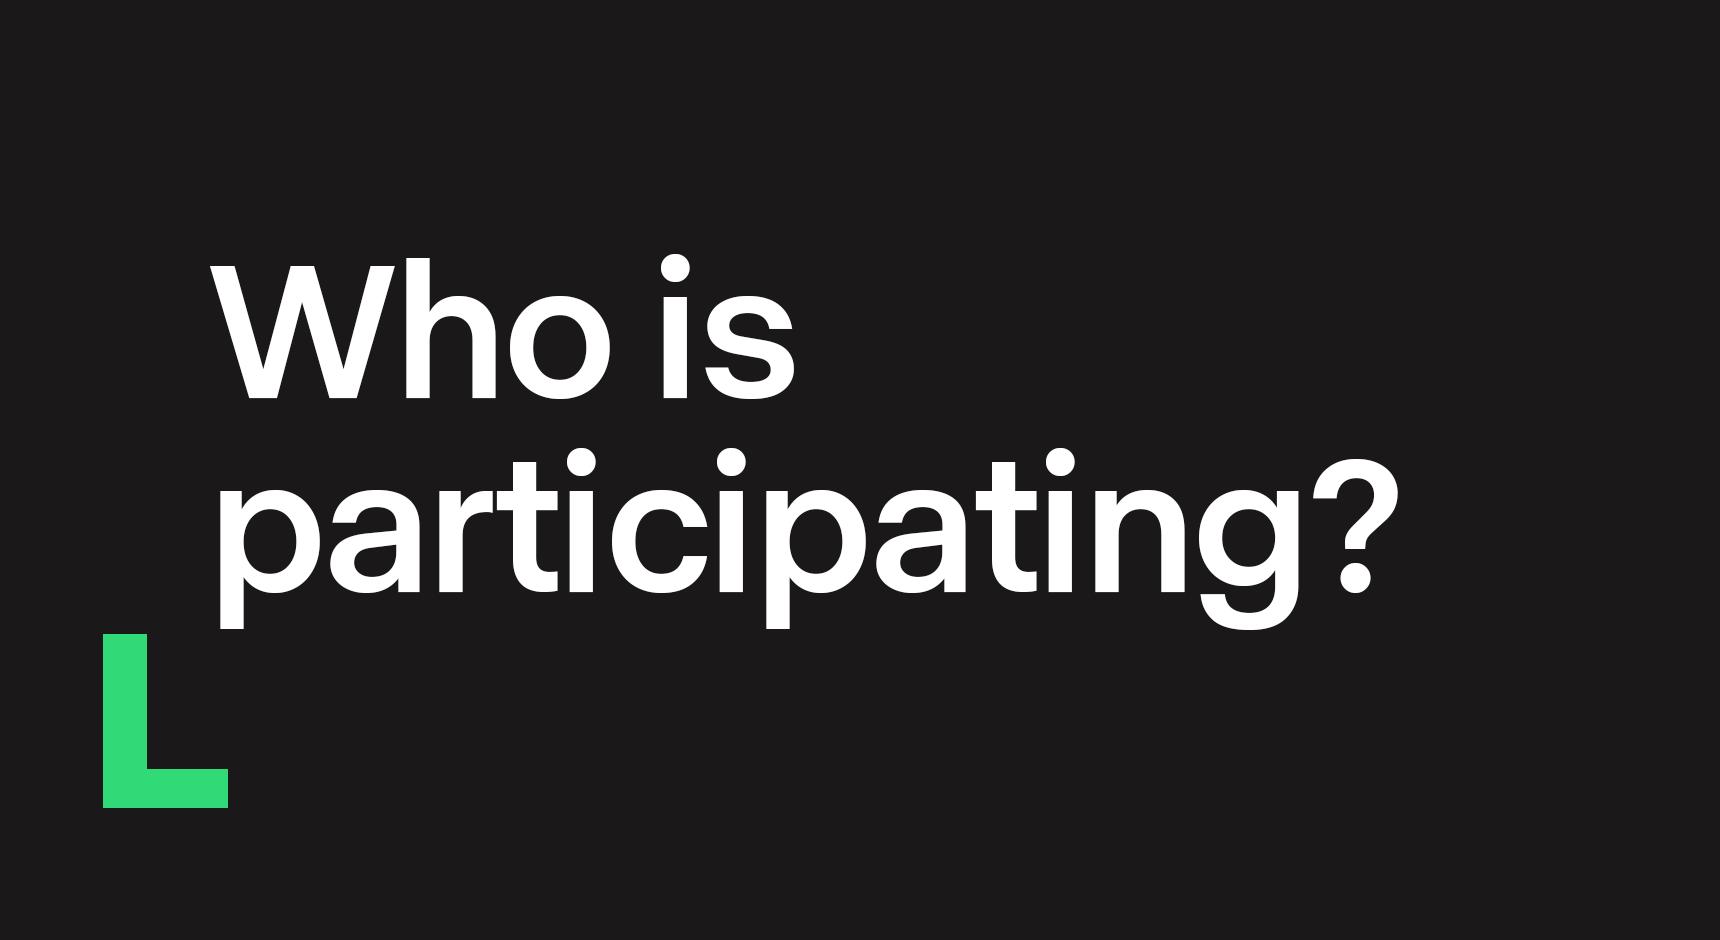 Participation Main image